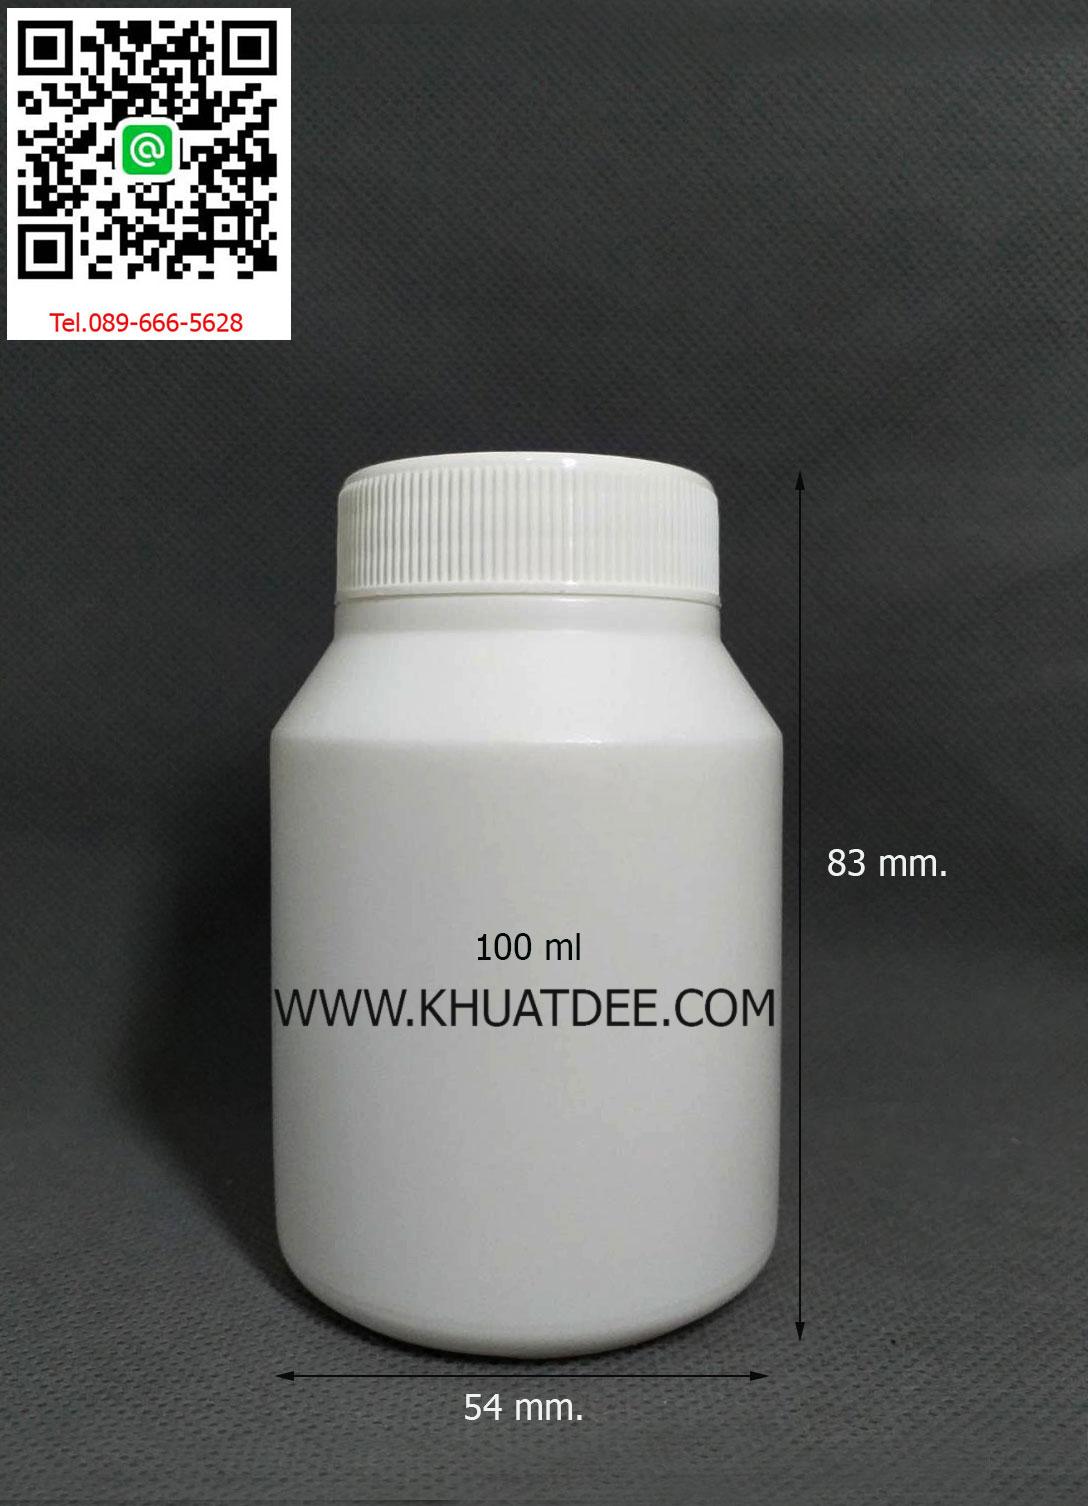 ขวด PE 100 มล.(416 ใบ)+ฝาสีขาว